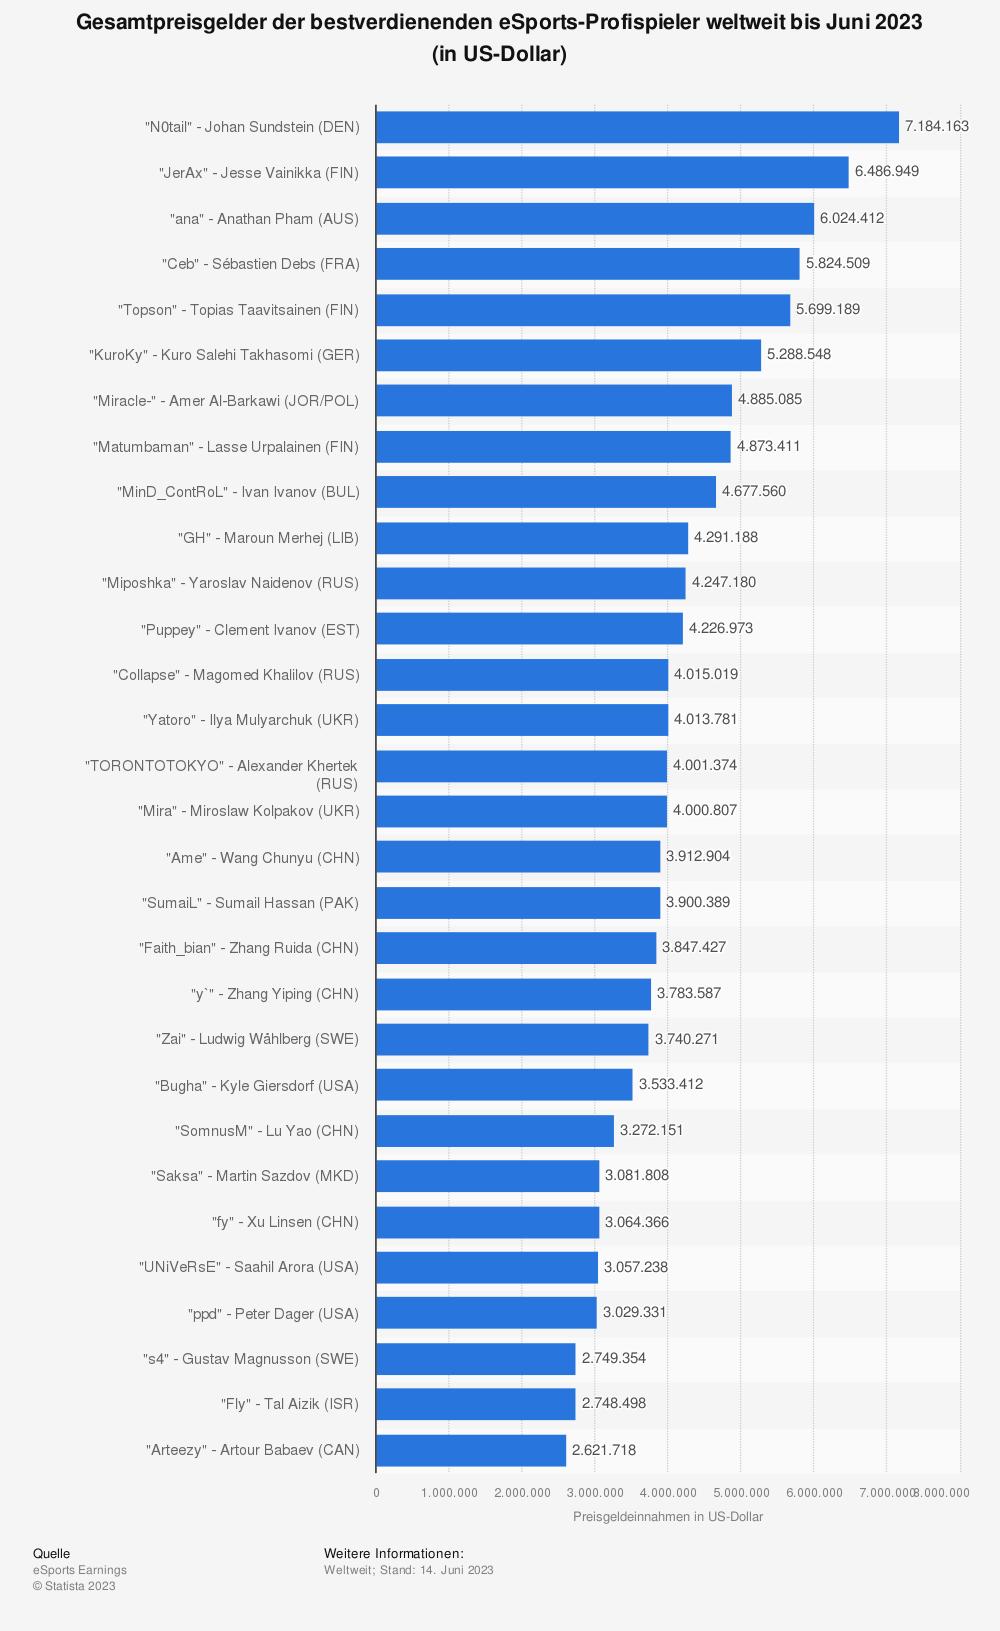 Statistik: Gesamtpreisgelder der bestverdienenden eSports-Profispieler weltweit bis August 2019 (in US-Dollar) | Statista